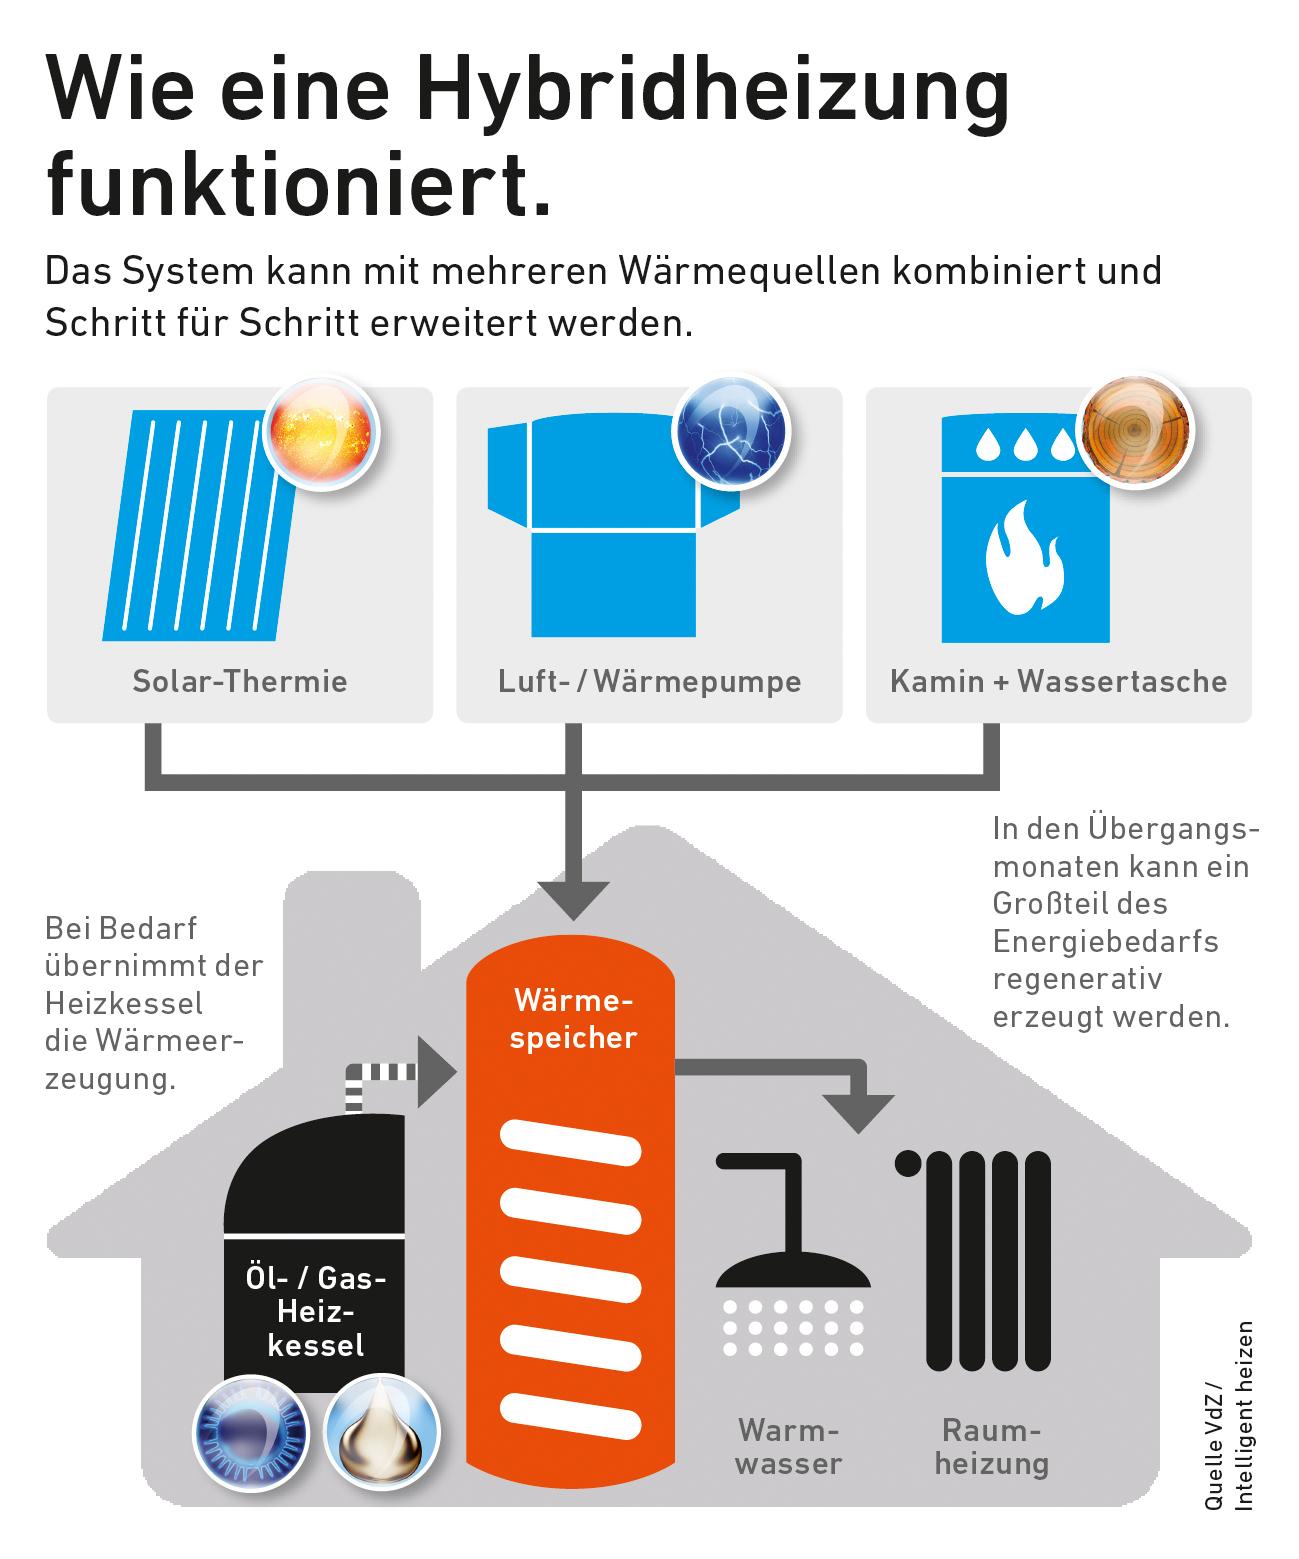 Hybridheizung: Wärme auf Vorrat speichern